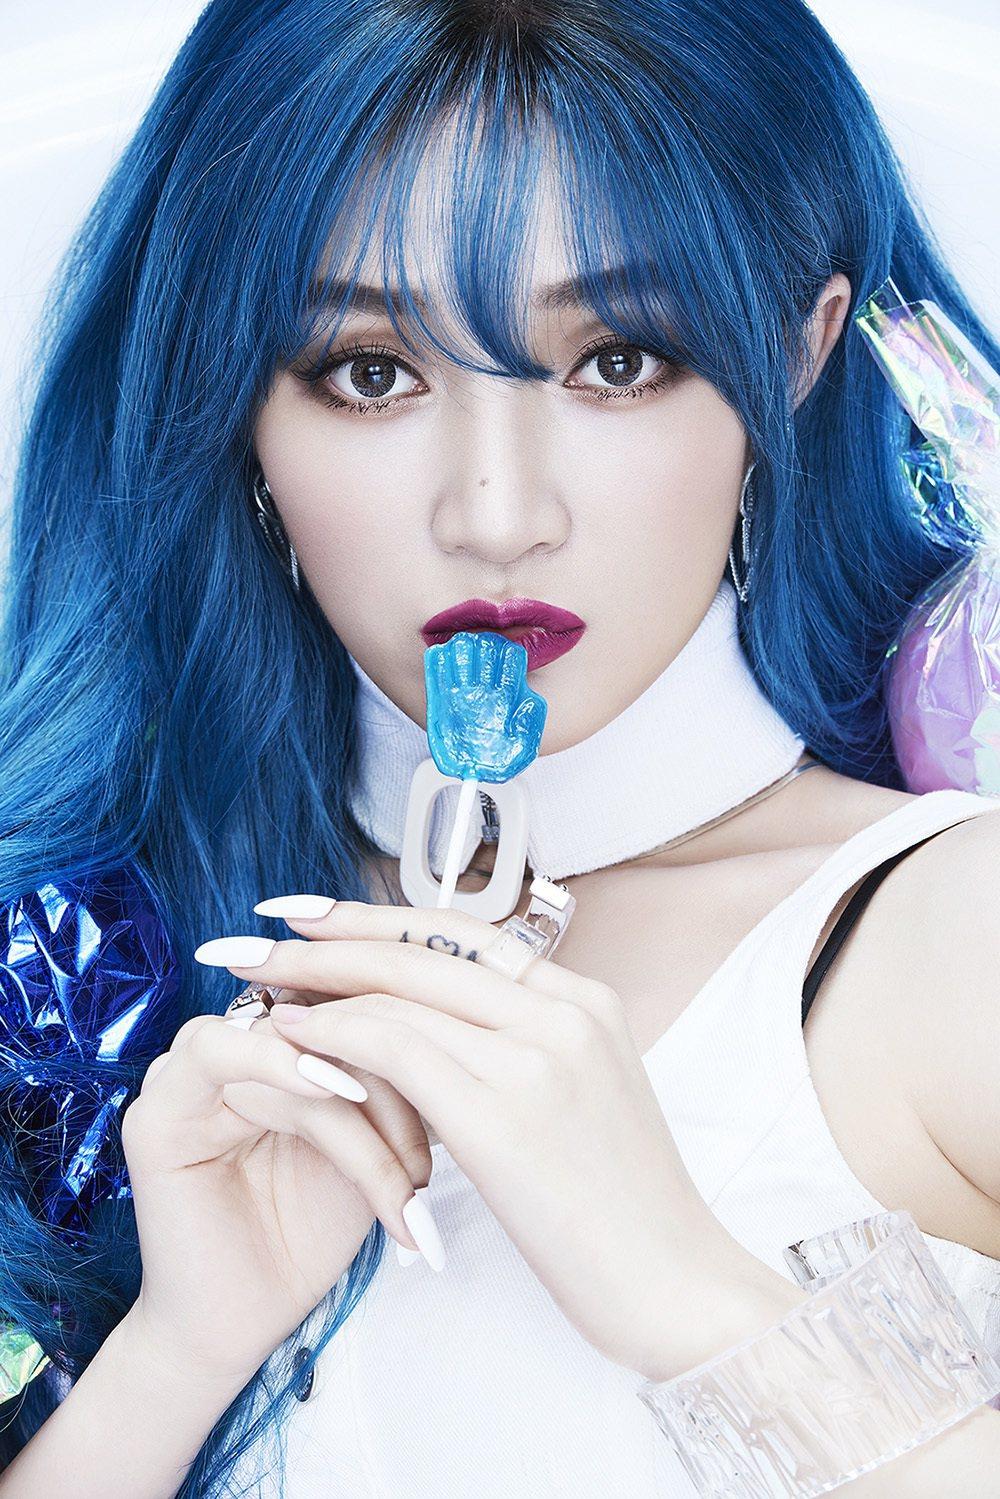 前韓女團Miss A成員的孟佳(JIA),5月來台發行個人首張EP。圖/香蕉娛樂...